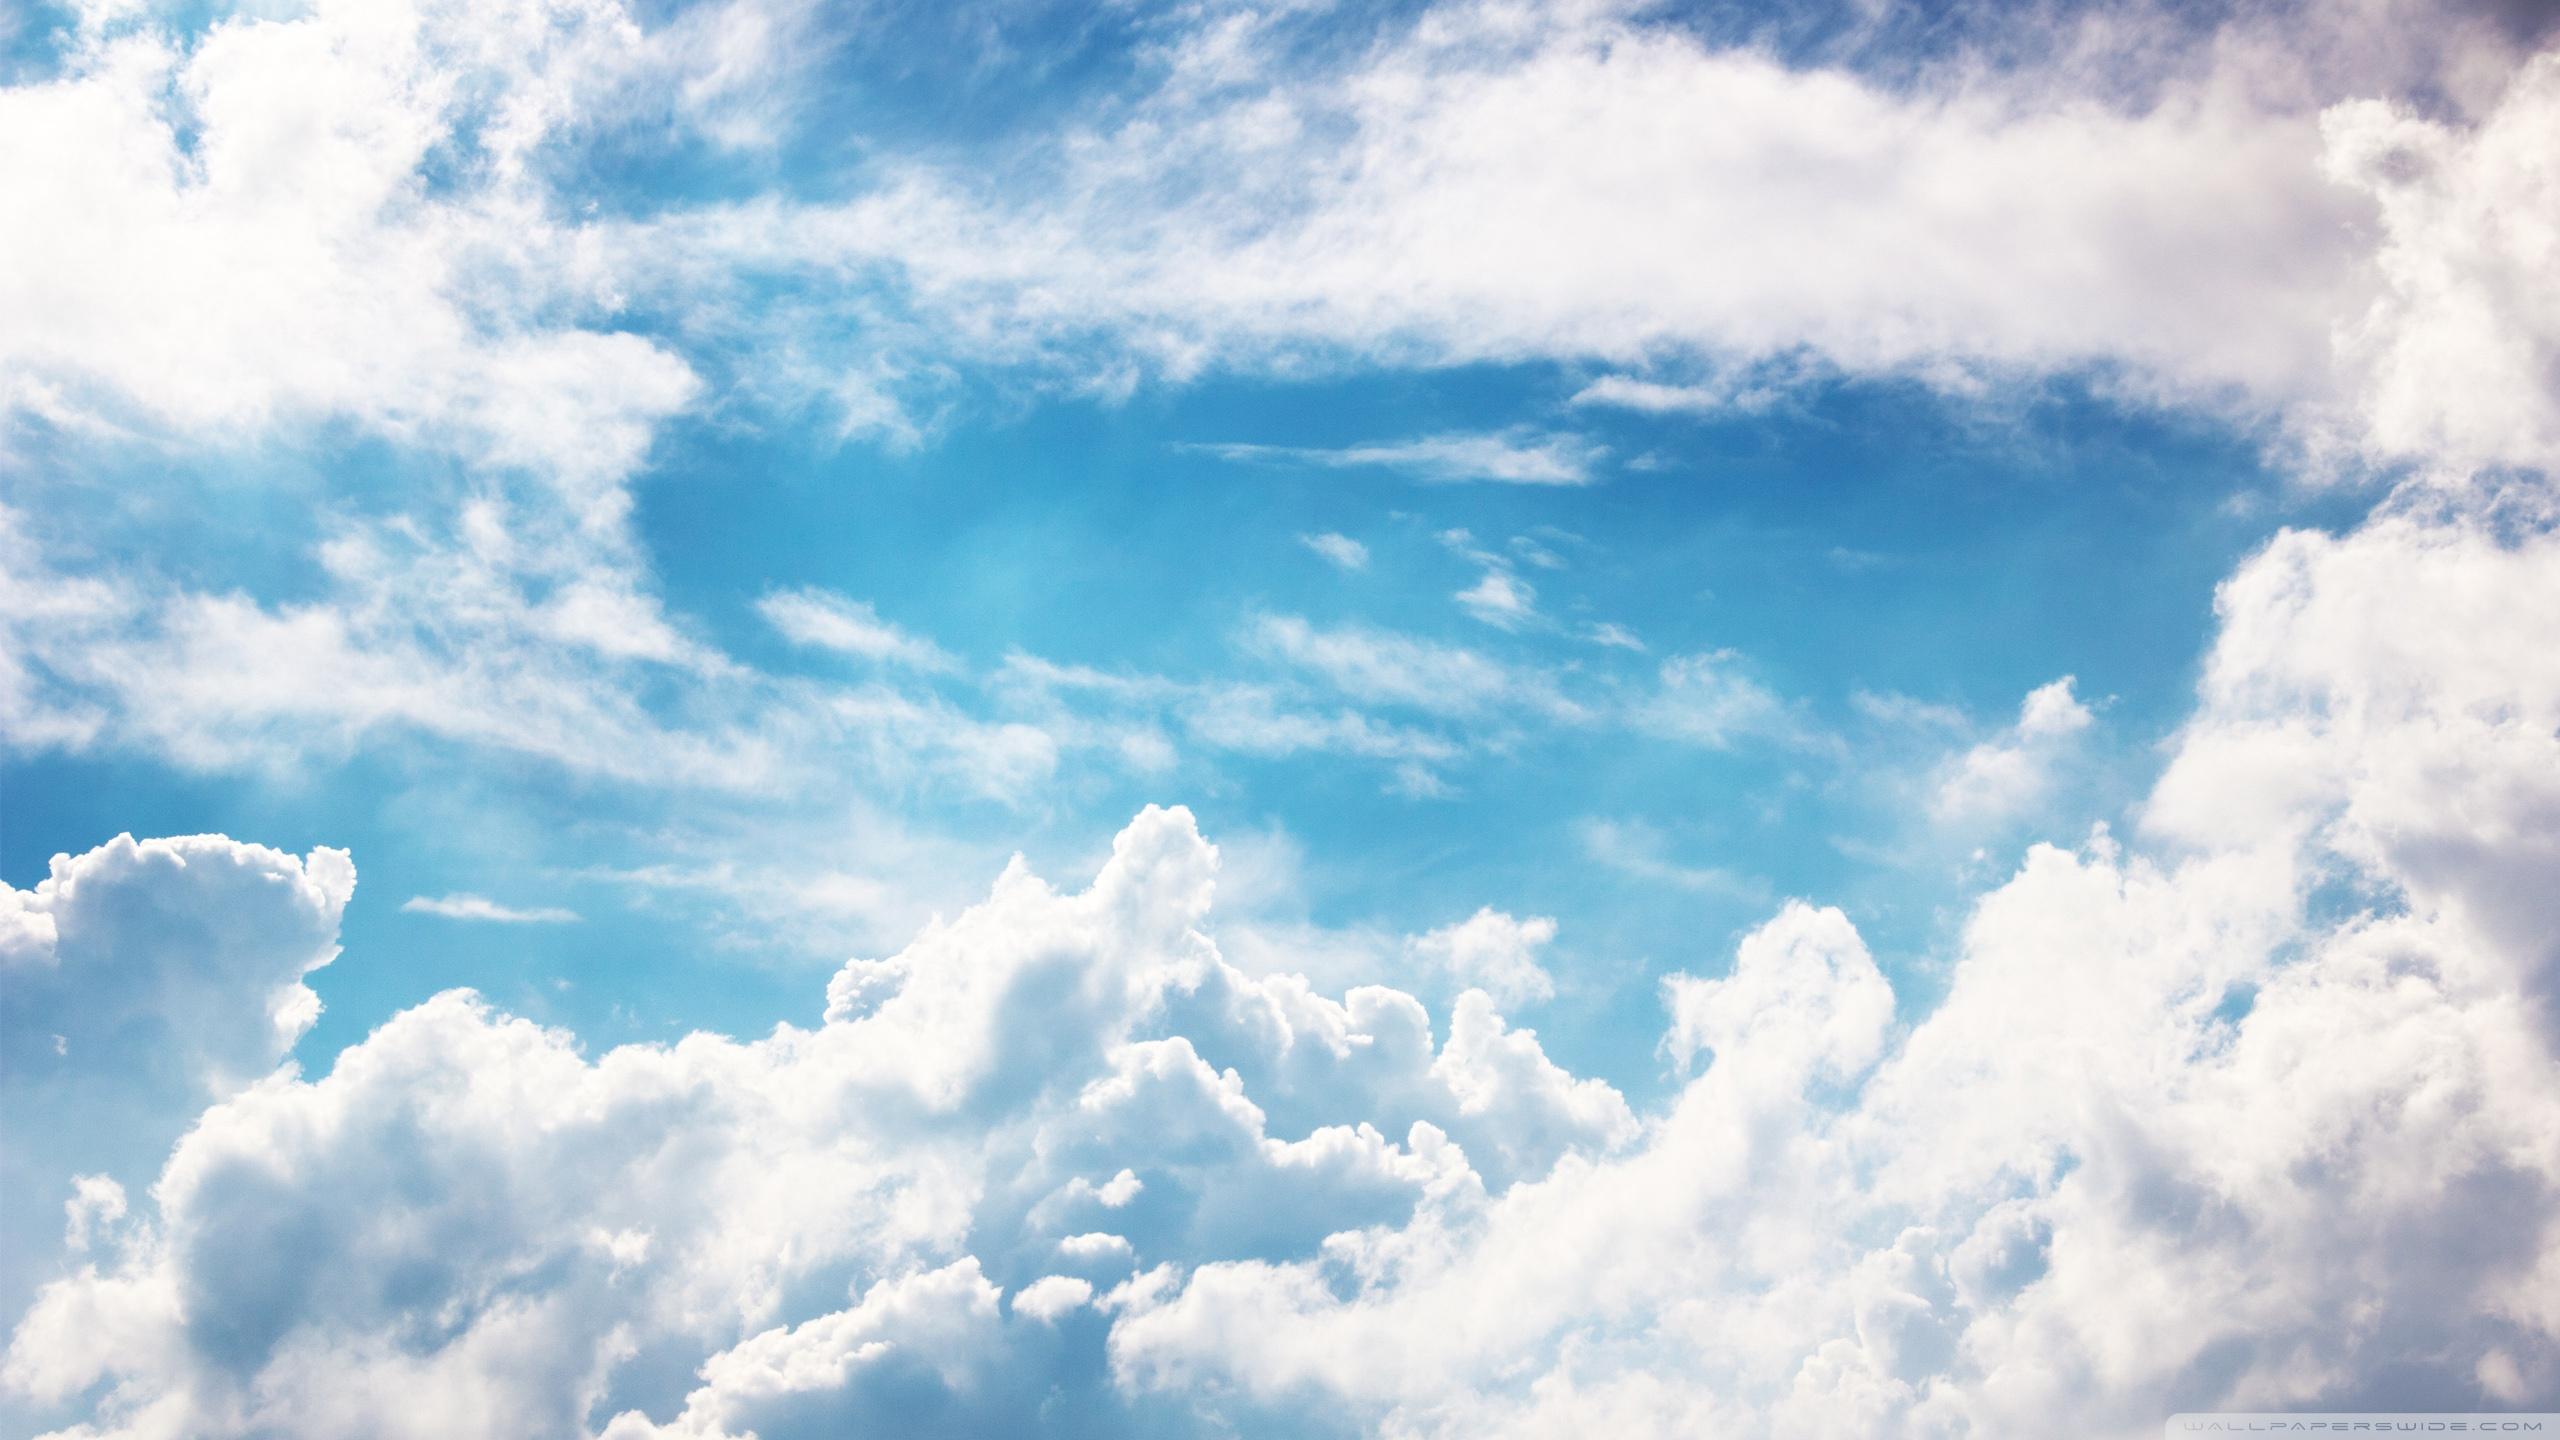 Sky HD ❤ 4K HD Desktop Wallpaper for • Wide & Ultra Widescreen ...